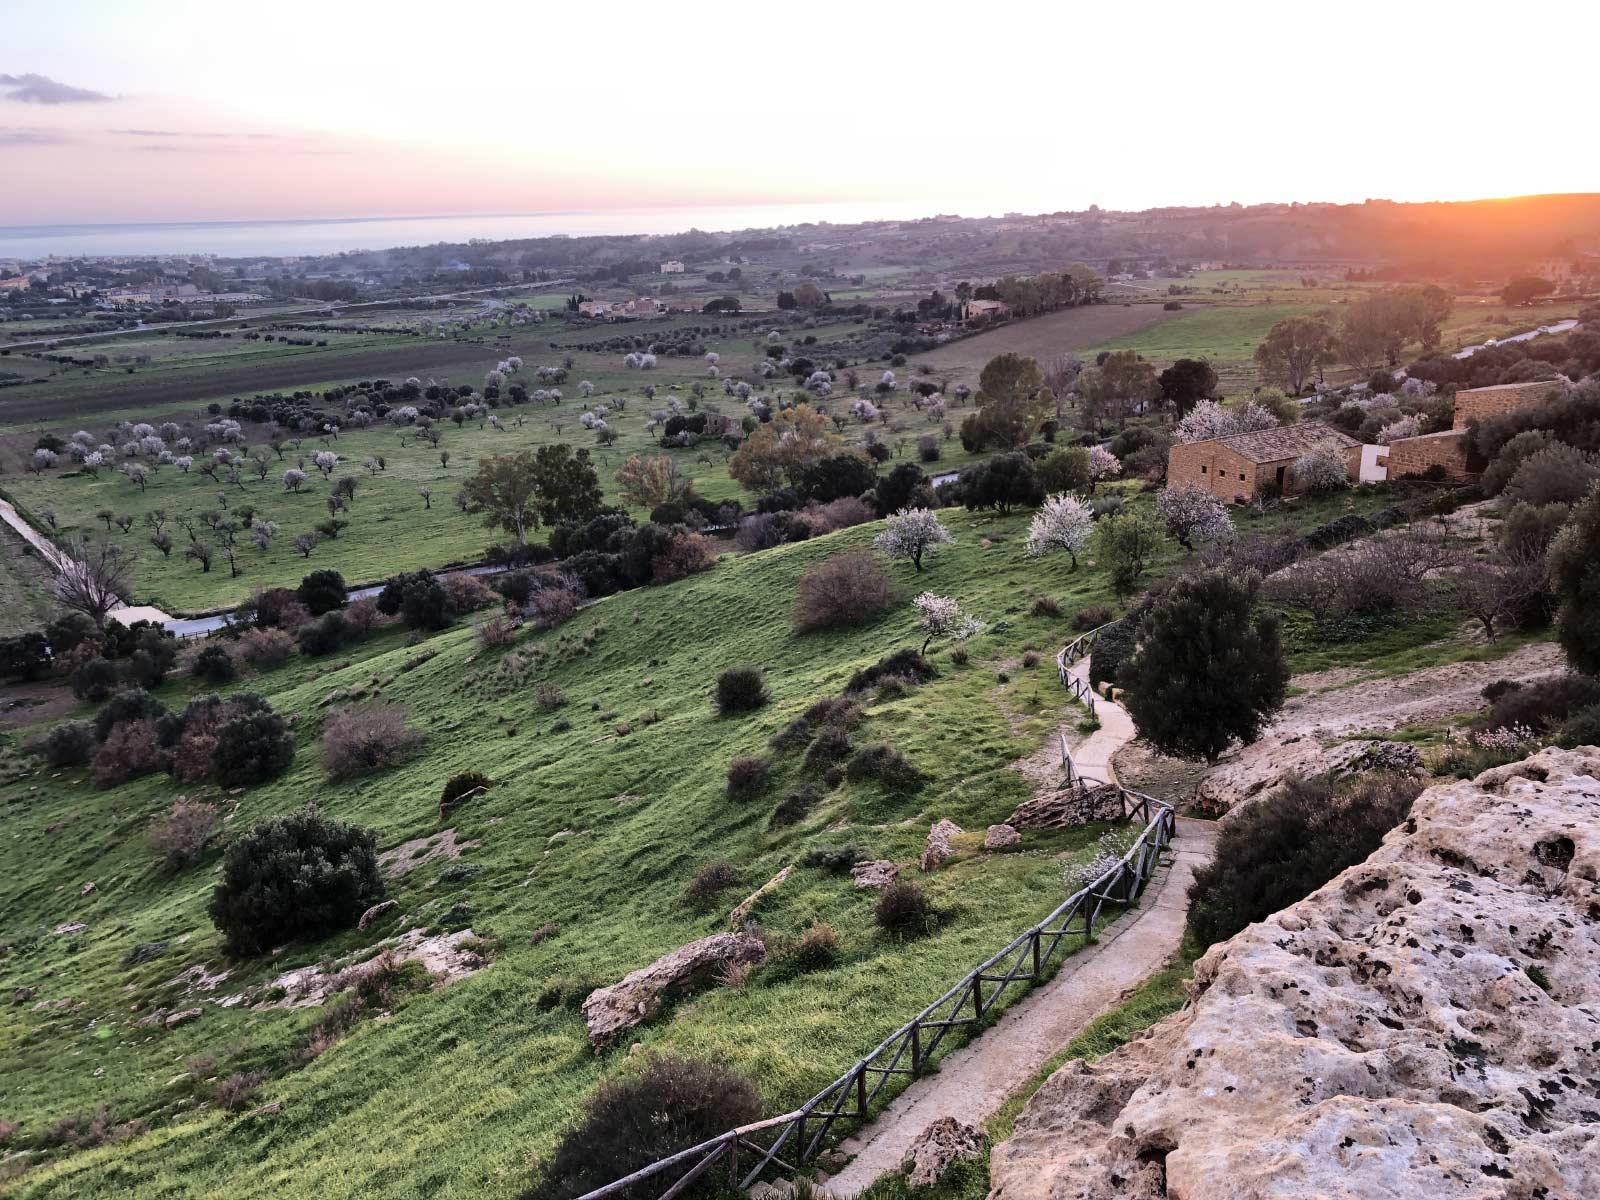 La valle dei templi con i mandorli fioriti, casa Barbadoro e la pianura a sud della collina dei templi fino al mare al tramonto